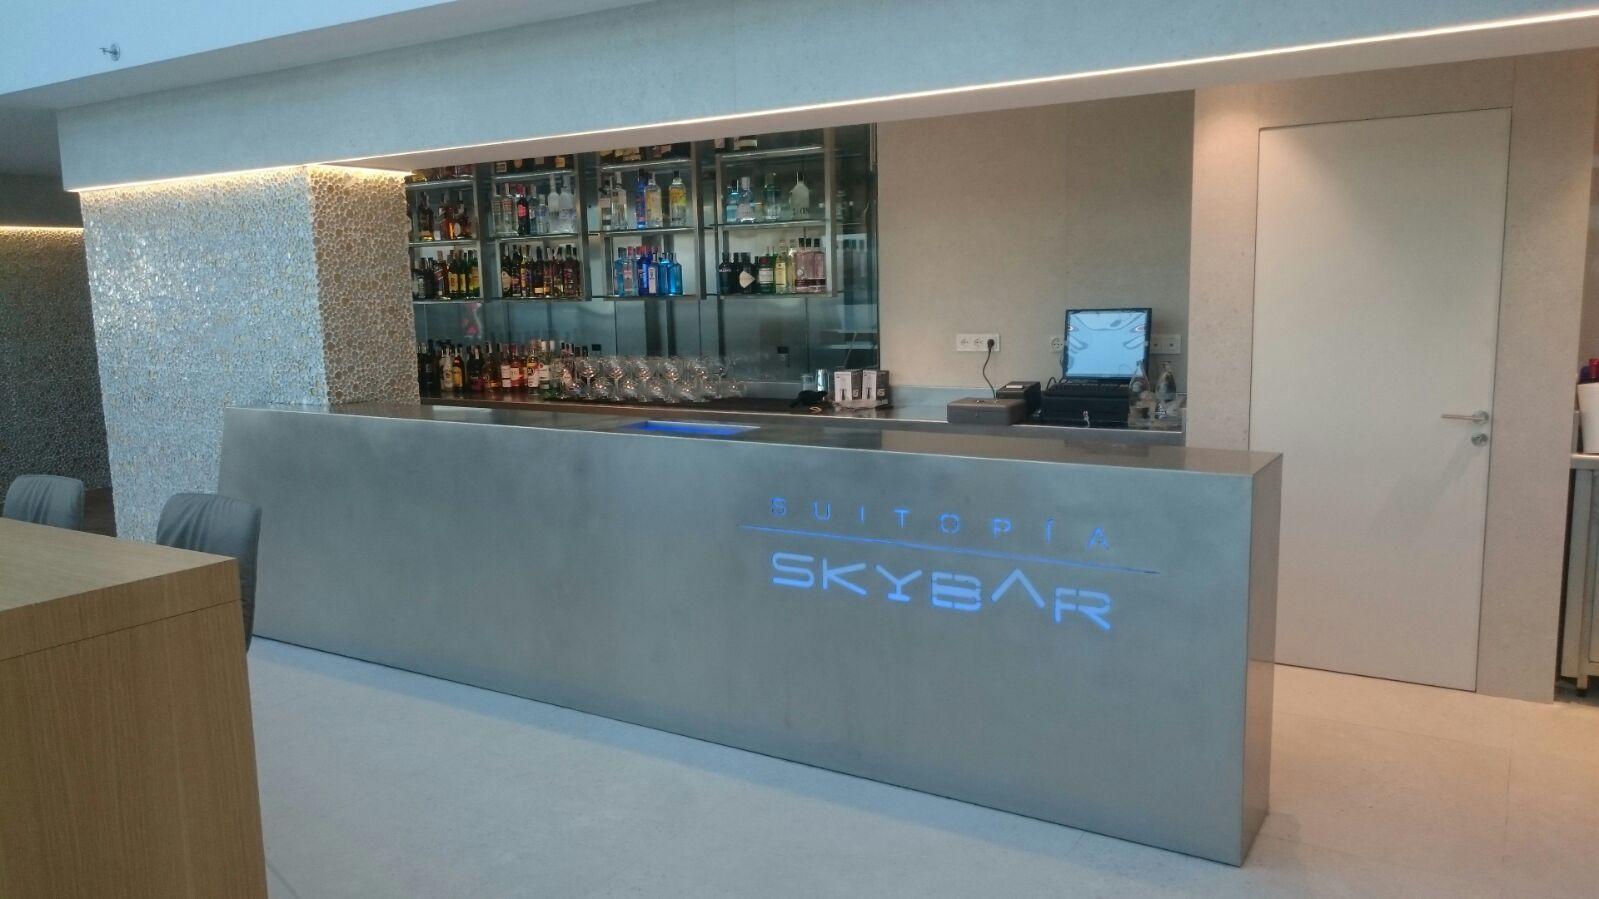 Dise o montaje barras terrazas azoteas hoteles restaurantes discotecas bares aceroinnova - Barras de bar de diseno ...